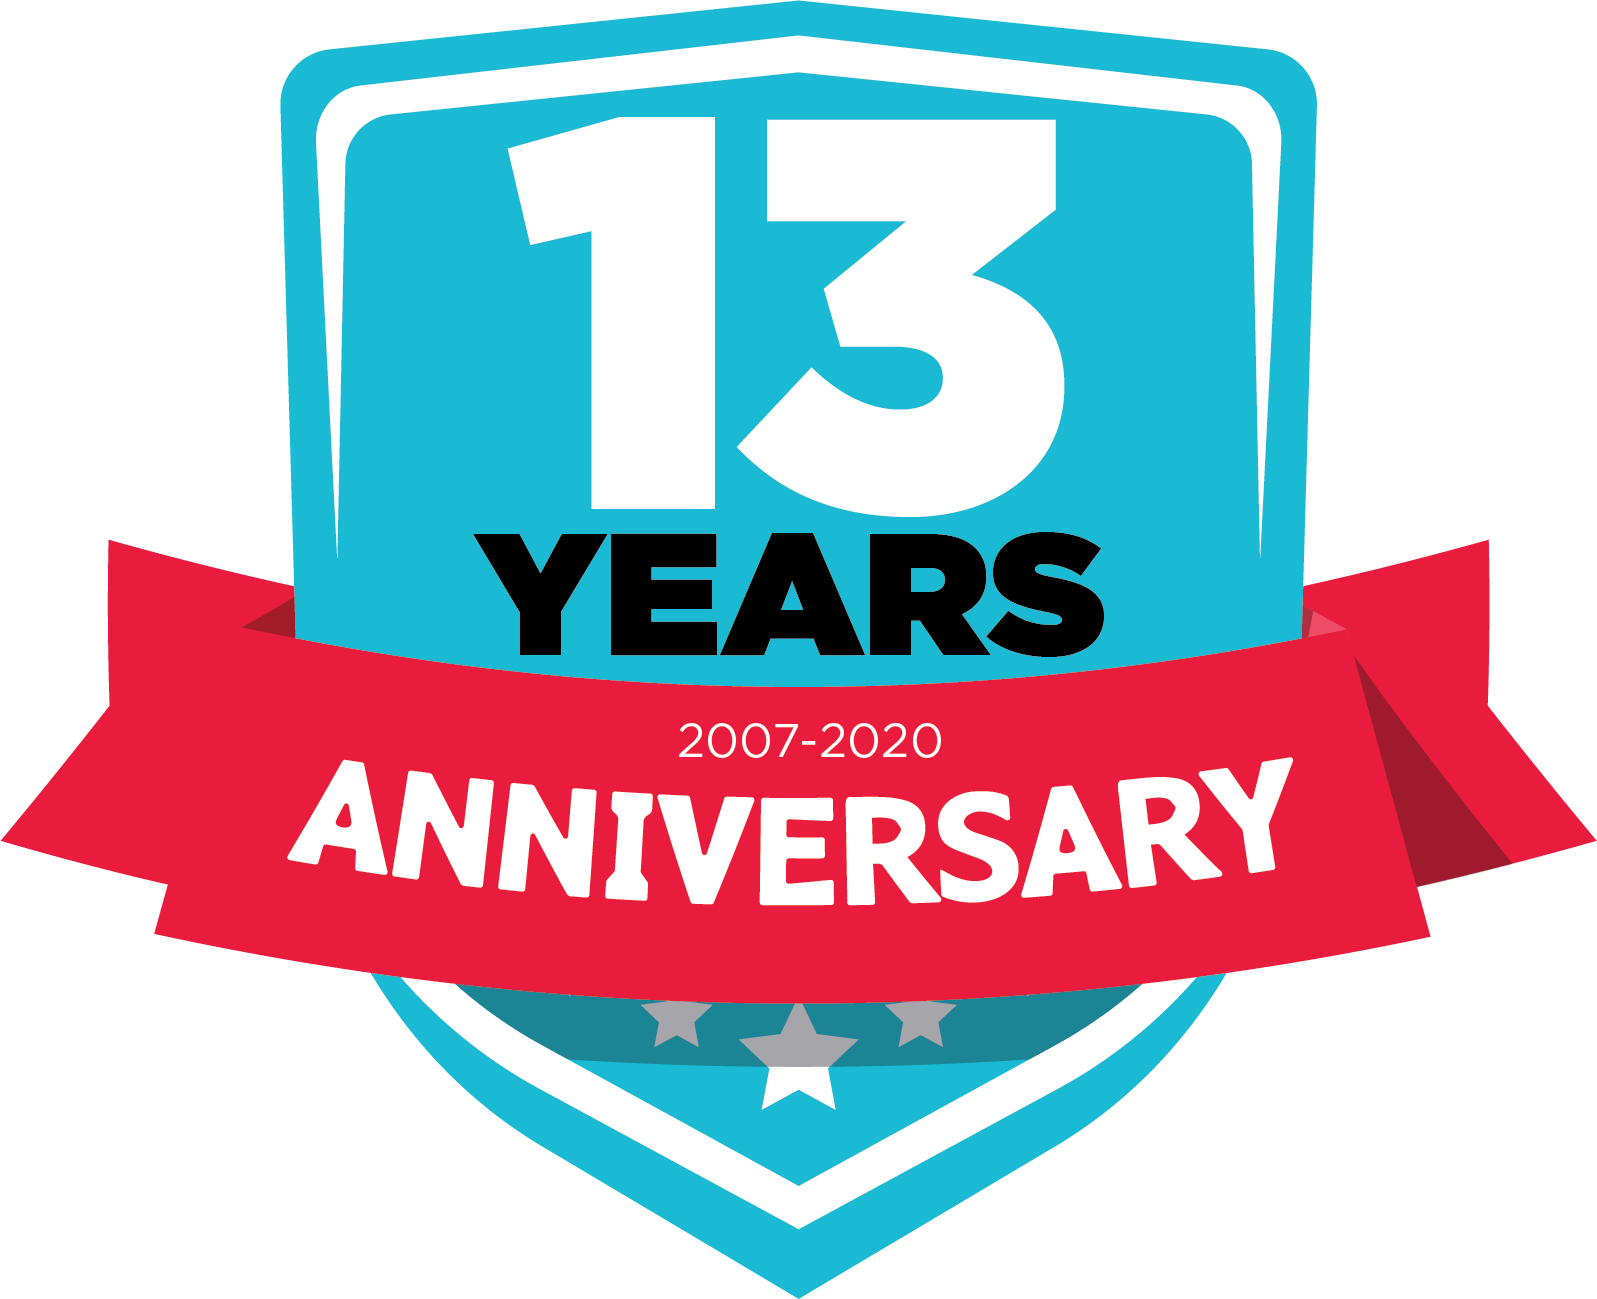 13 years anniversary logo